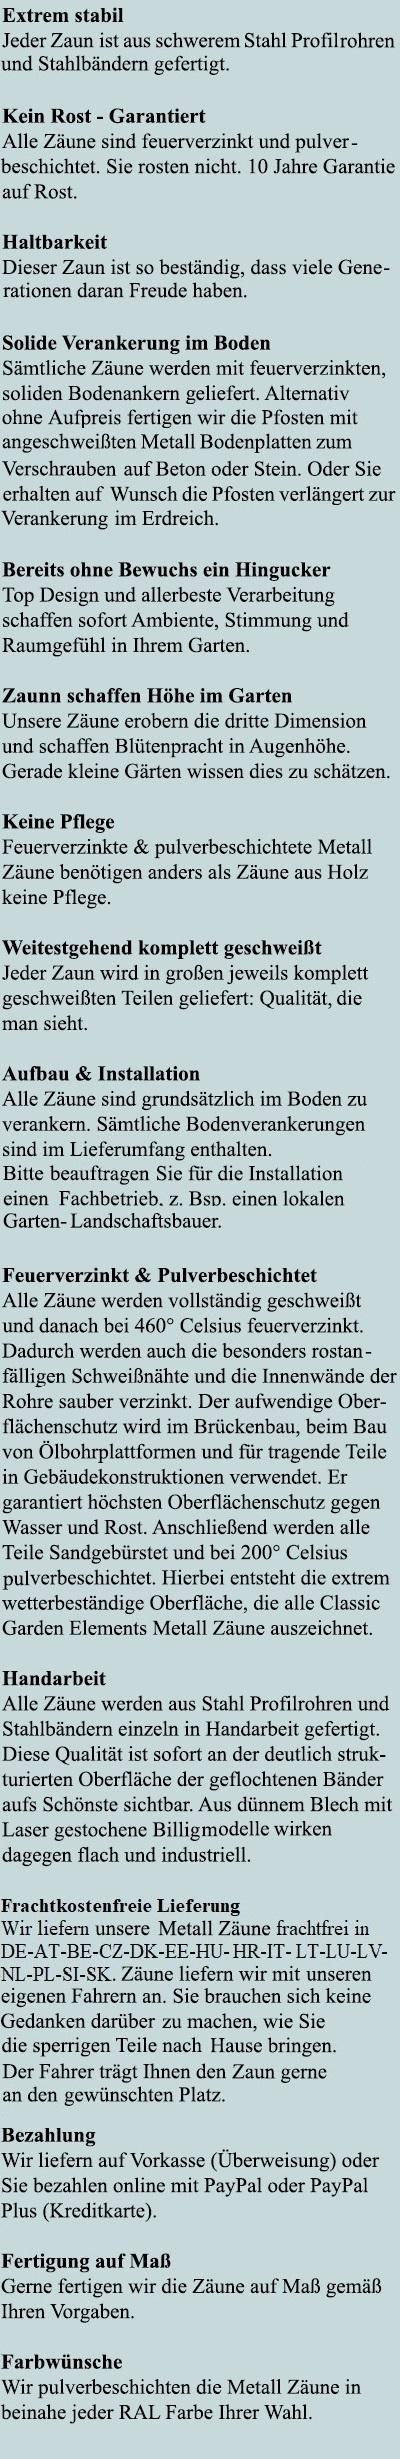 Vorteile des modernen Trenngitter Bauhaus